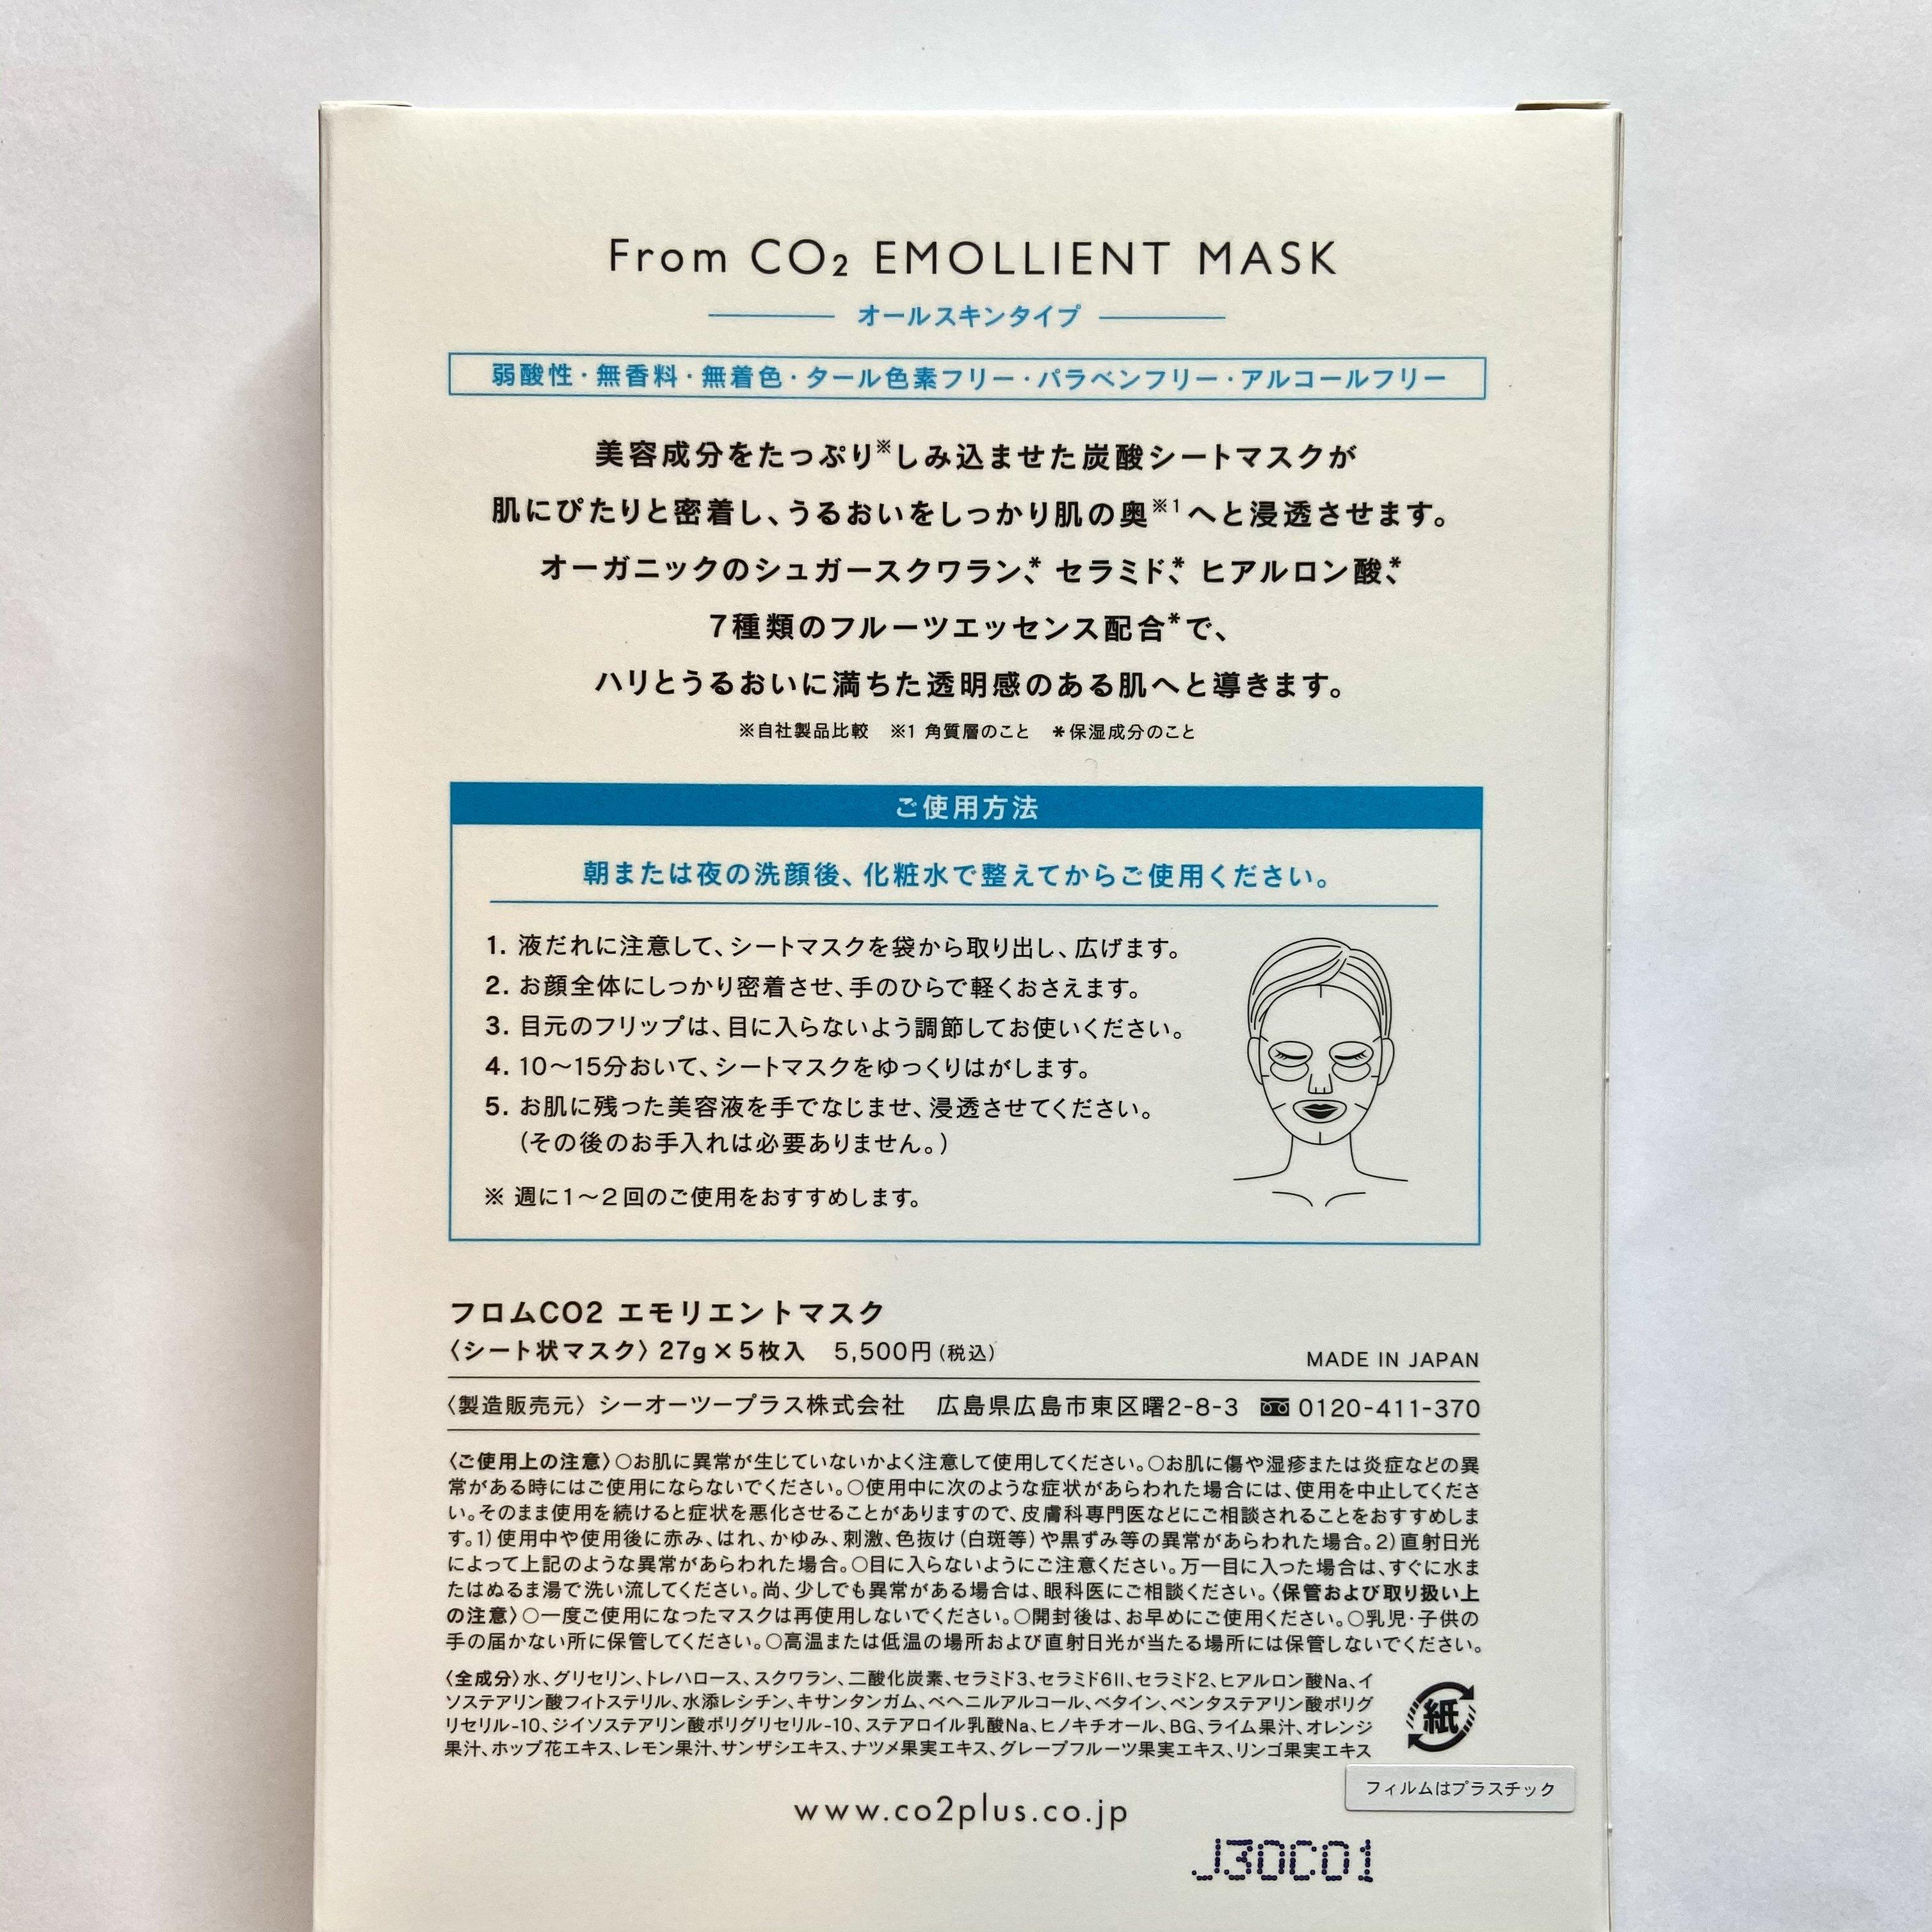 スキンケアジプシー救世主 炭酸美容 エモリエントマスク (炭酸シートマスク)集中保湿!27g x 5枚【サロン店頭】のイメージその4